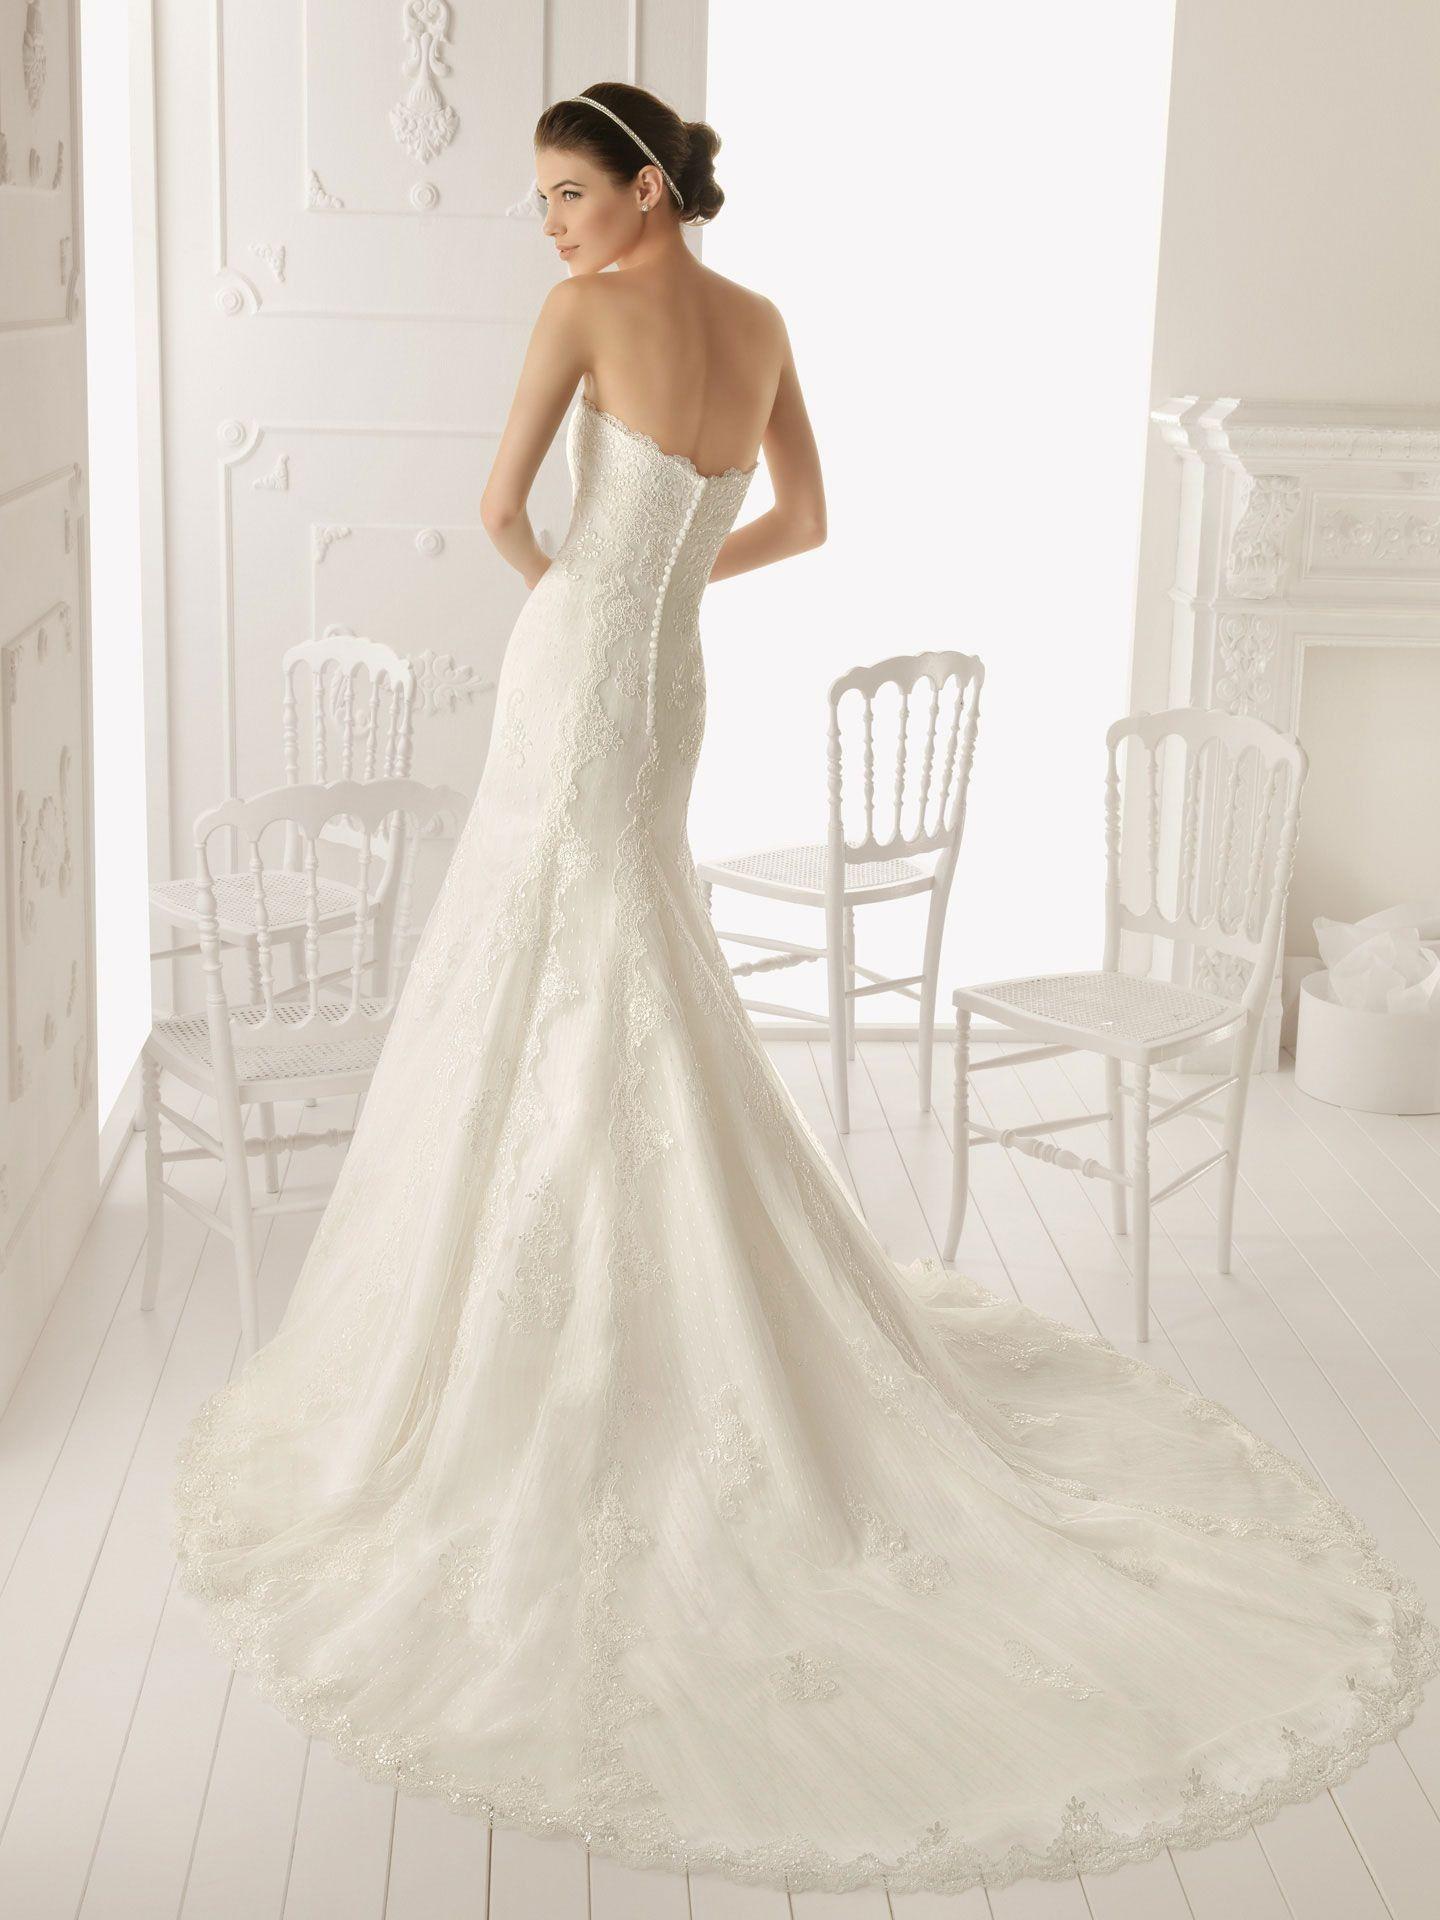 Oldfashionedlacesweethearthalterweddingdress home ue wedding